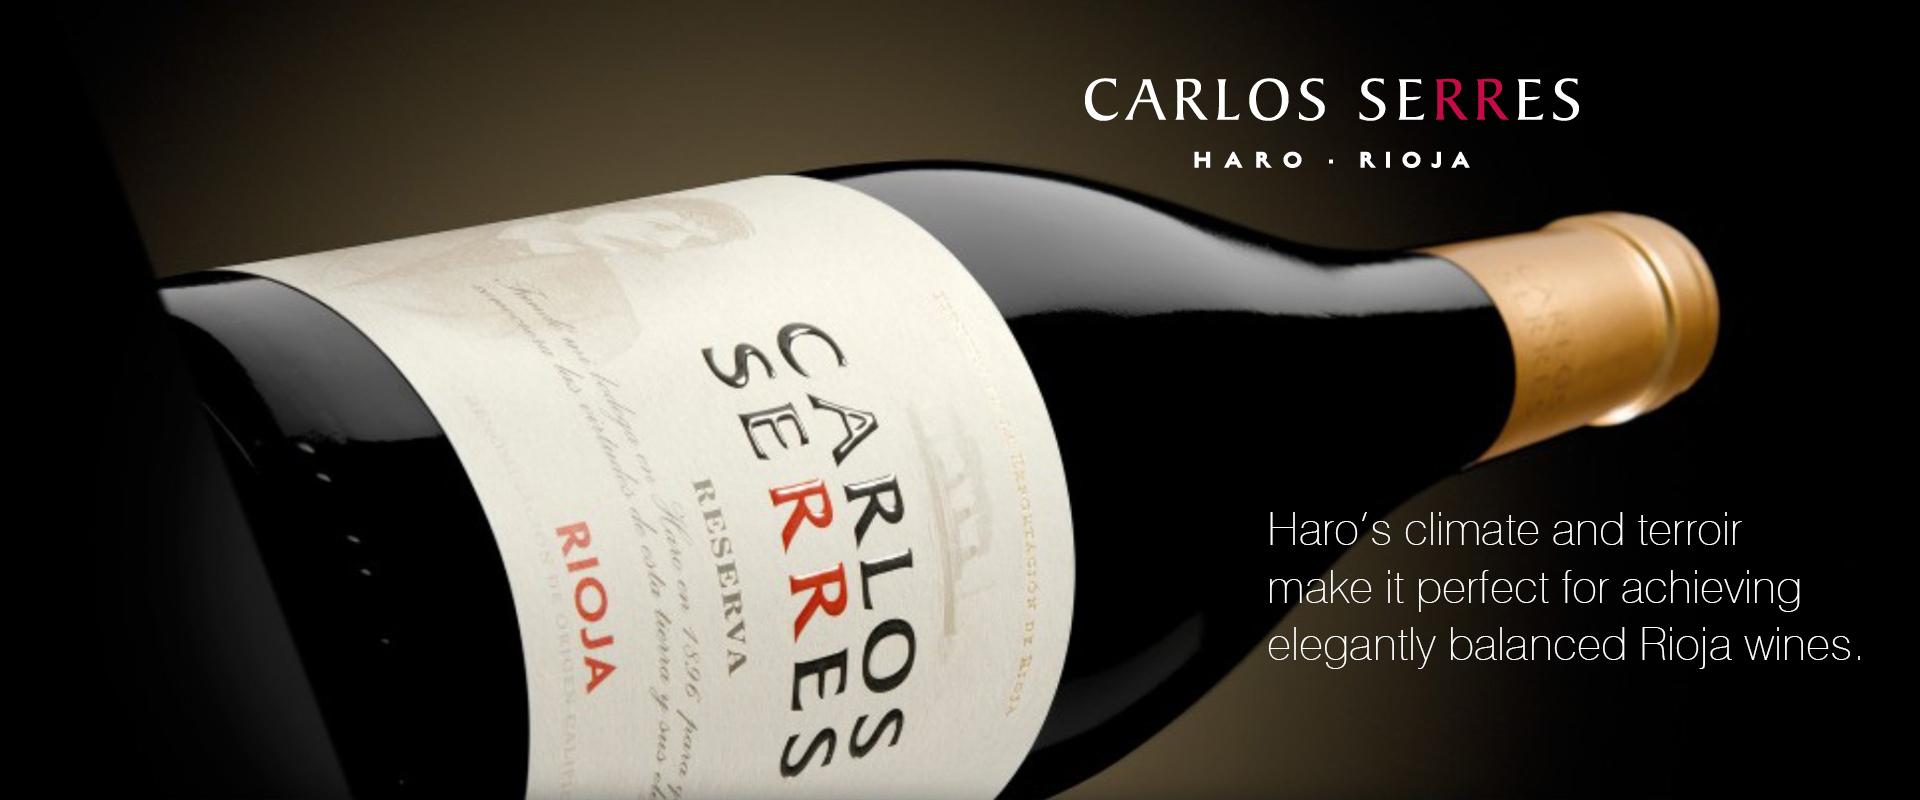 Carlos Serres Wines